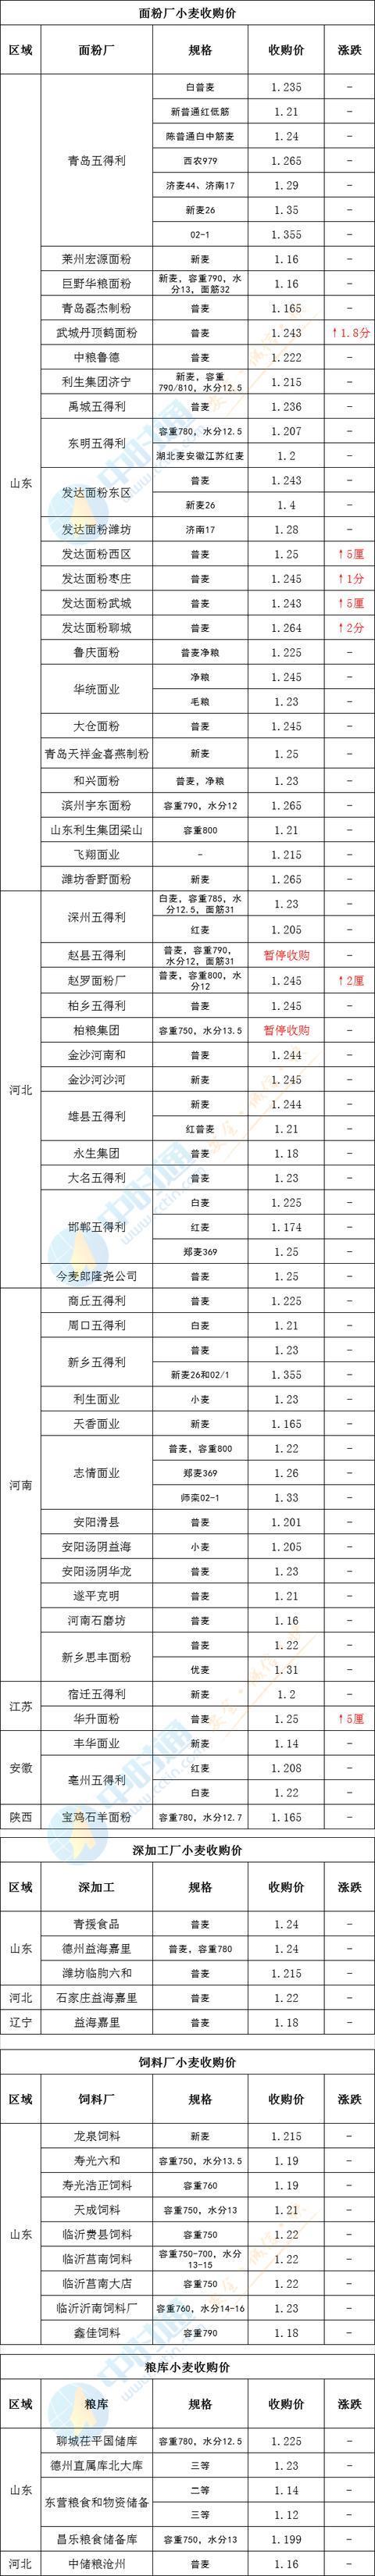 10月15日小麦收购价(最高涨2分!)